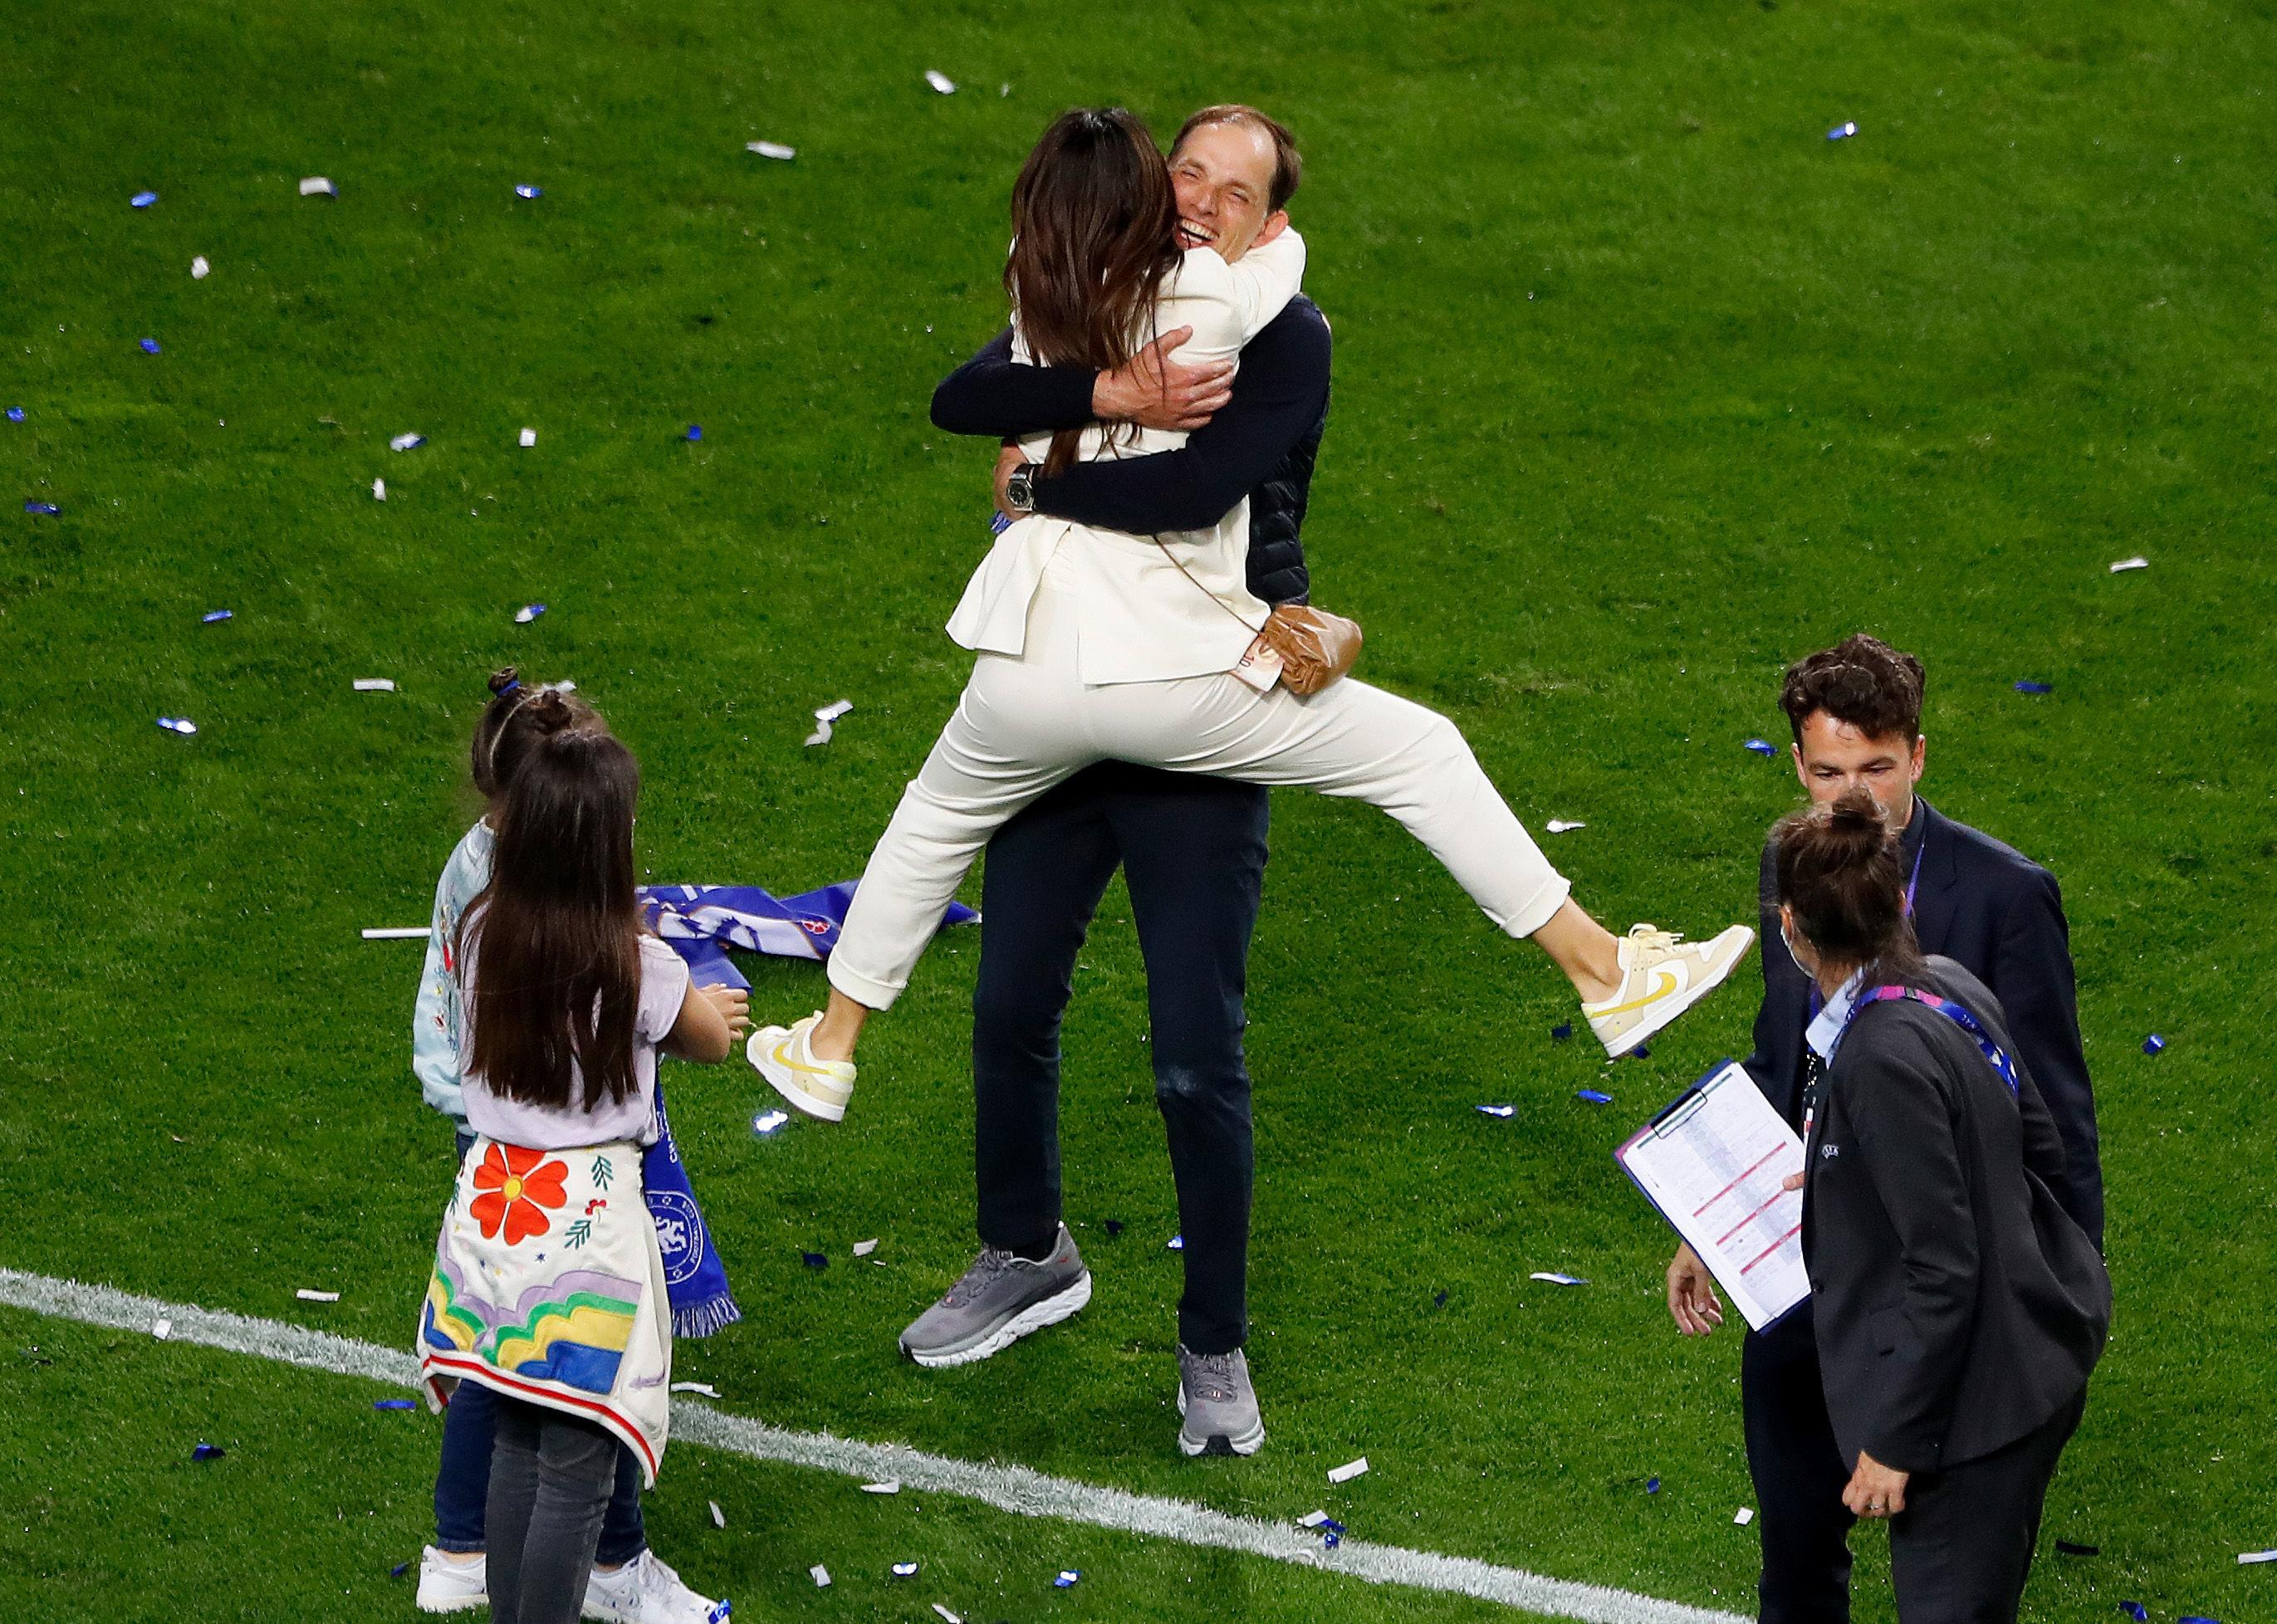 Безумный Тухель, раздавленный Зинченко, синий триумф. ФОТО репортаж с финала Лиги Чемпионов - фото 2